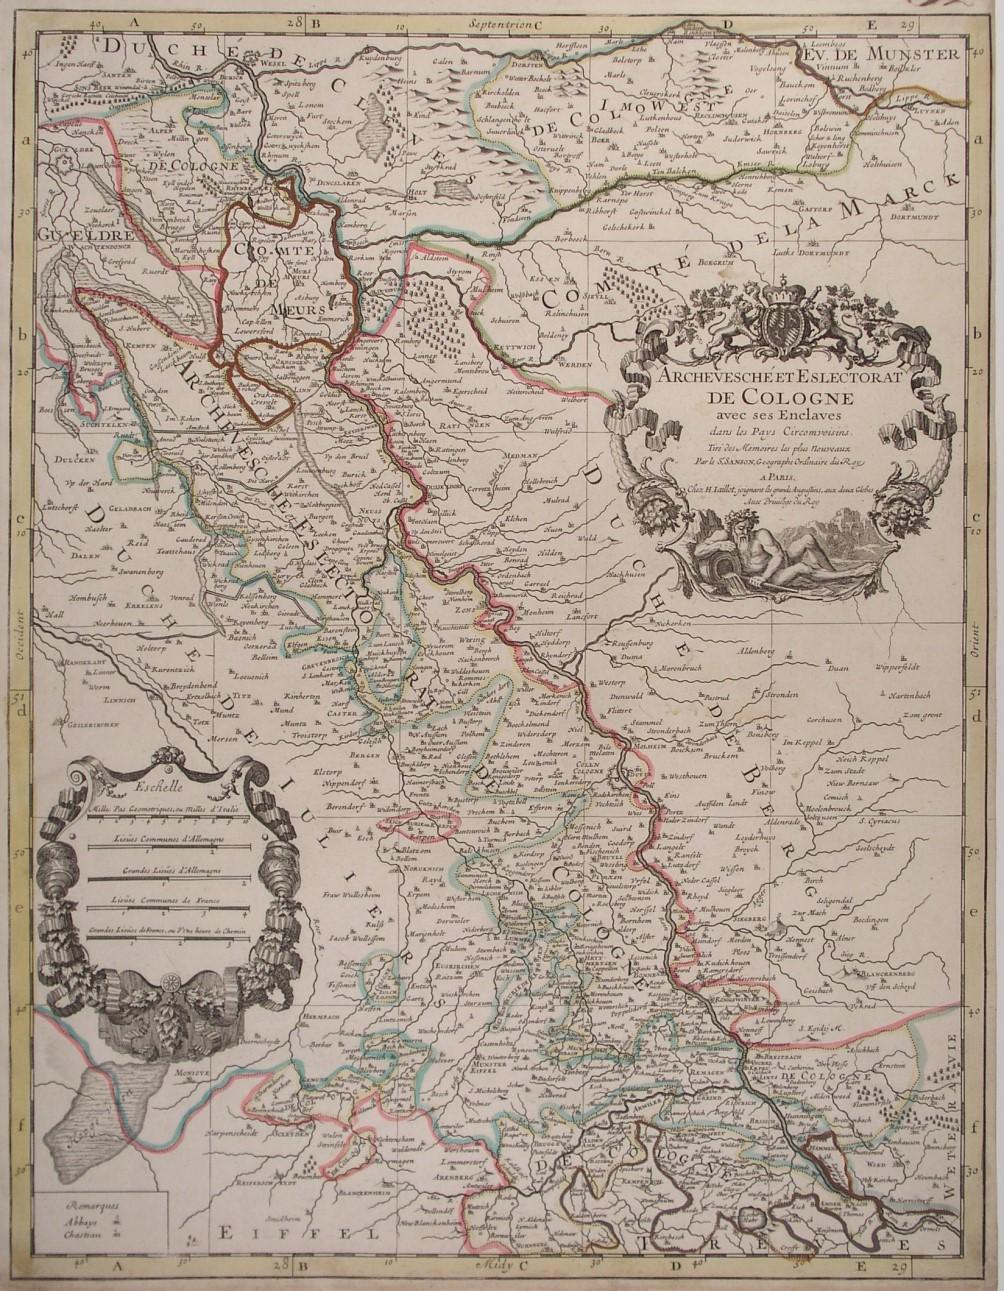 viaLibri ~ Rare Books from 1696 - Page 12